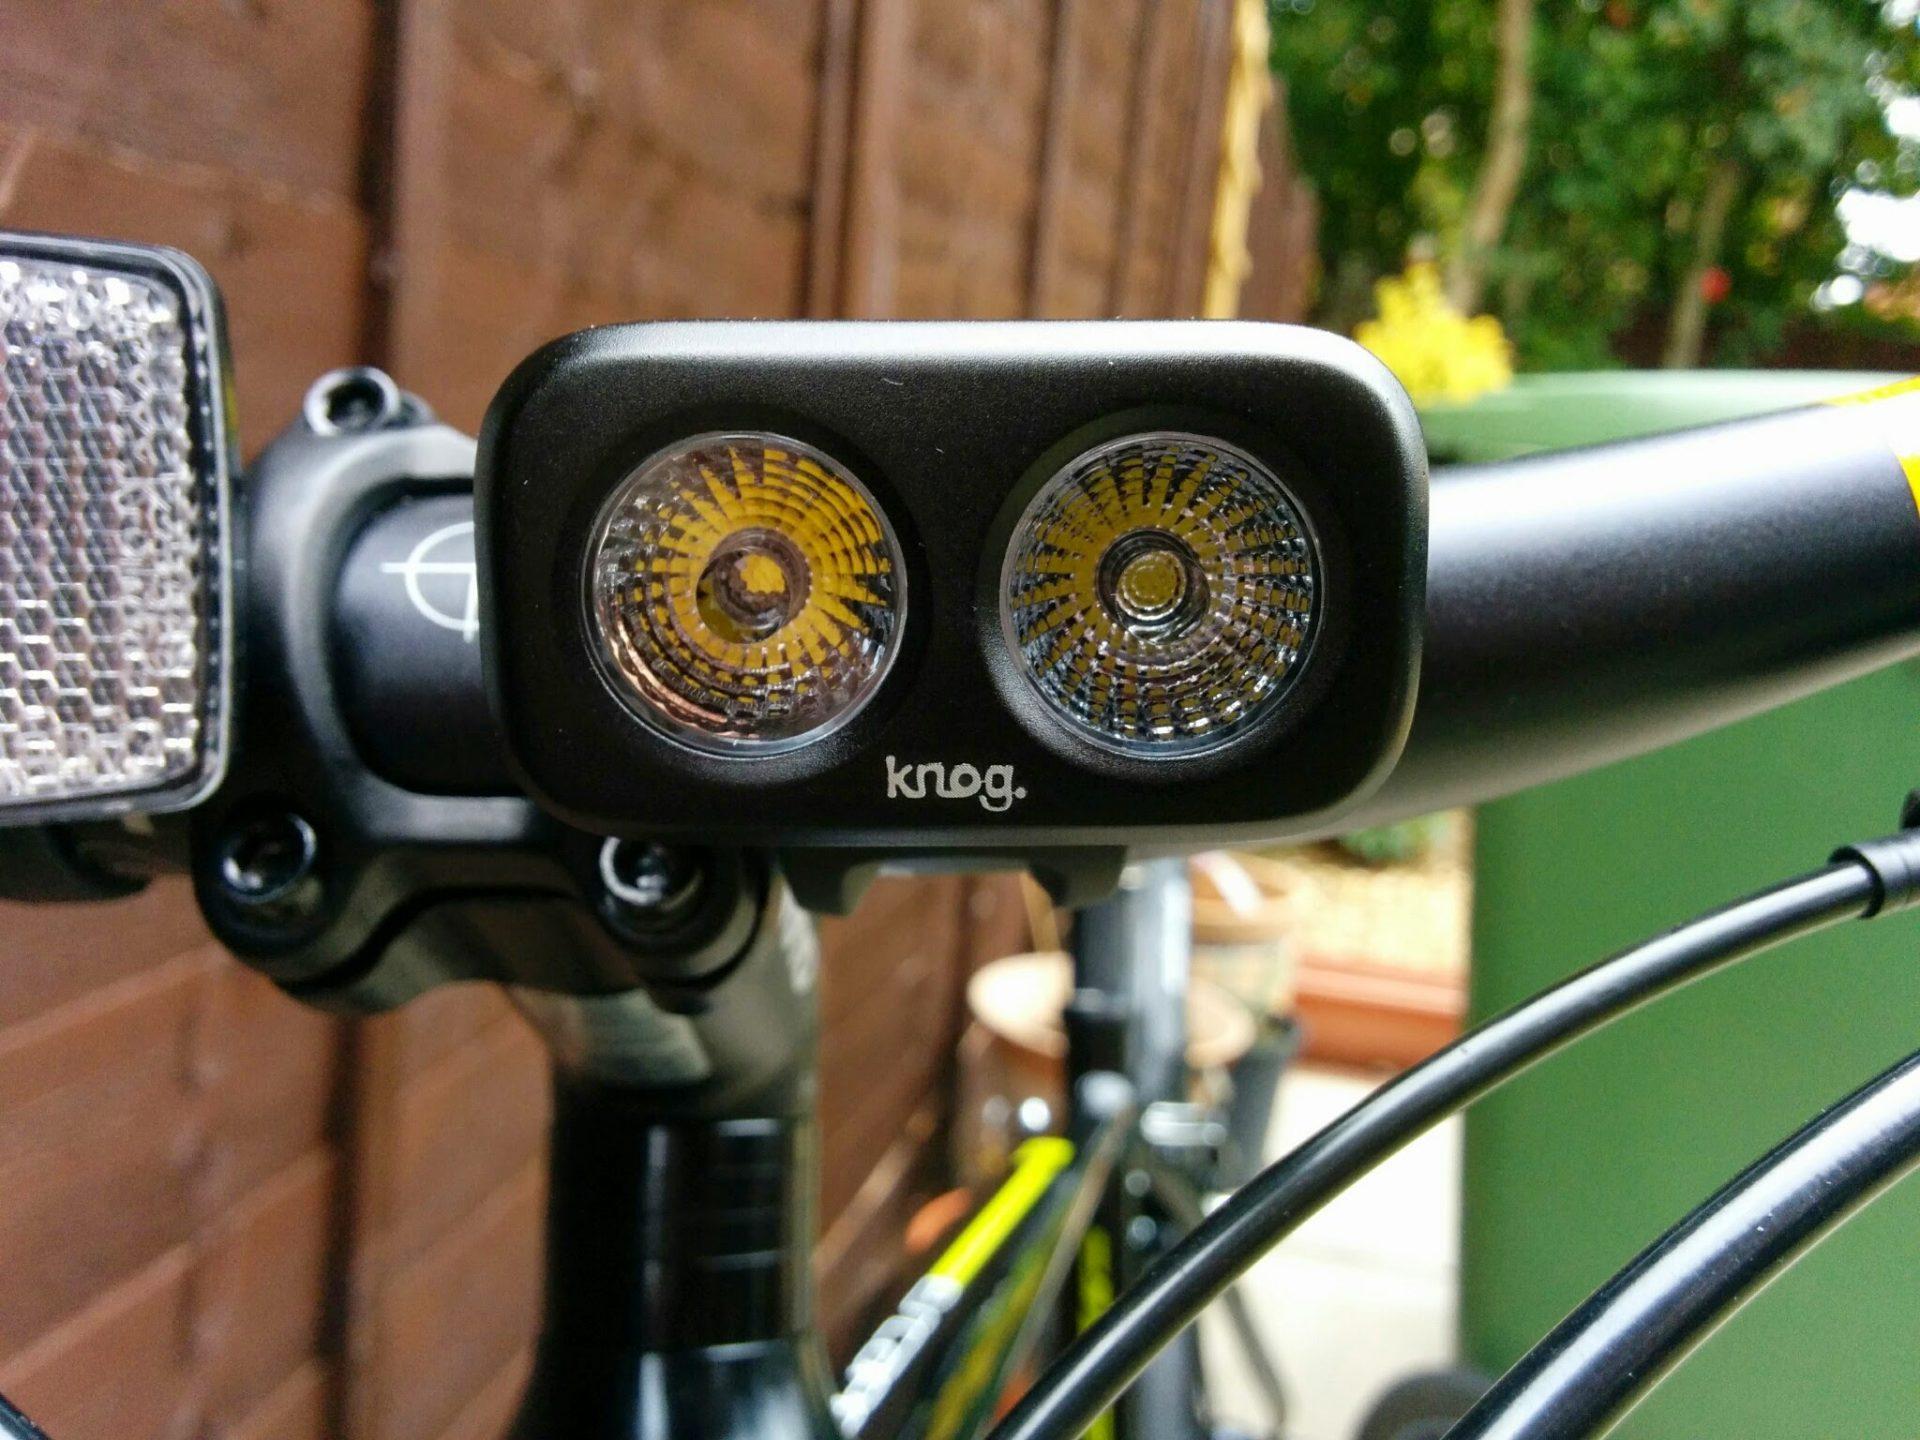 Knog Blinder Road 2 LED Front Light